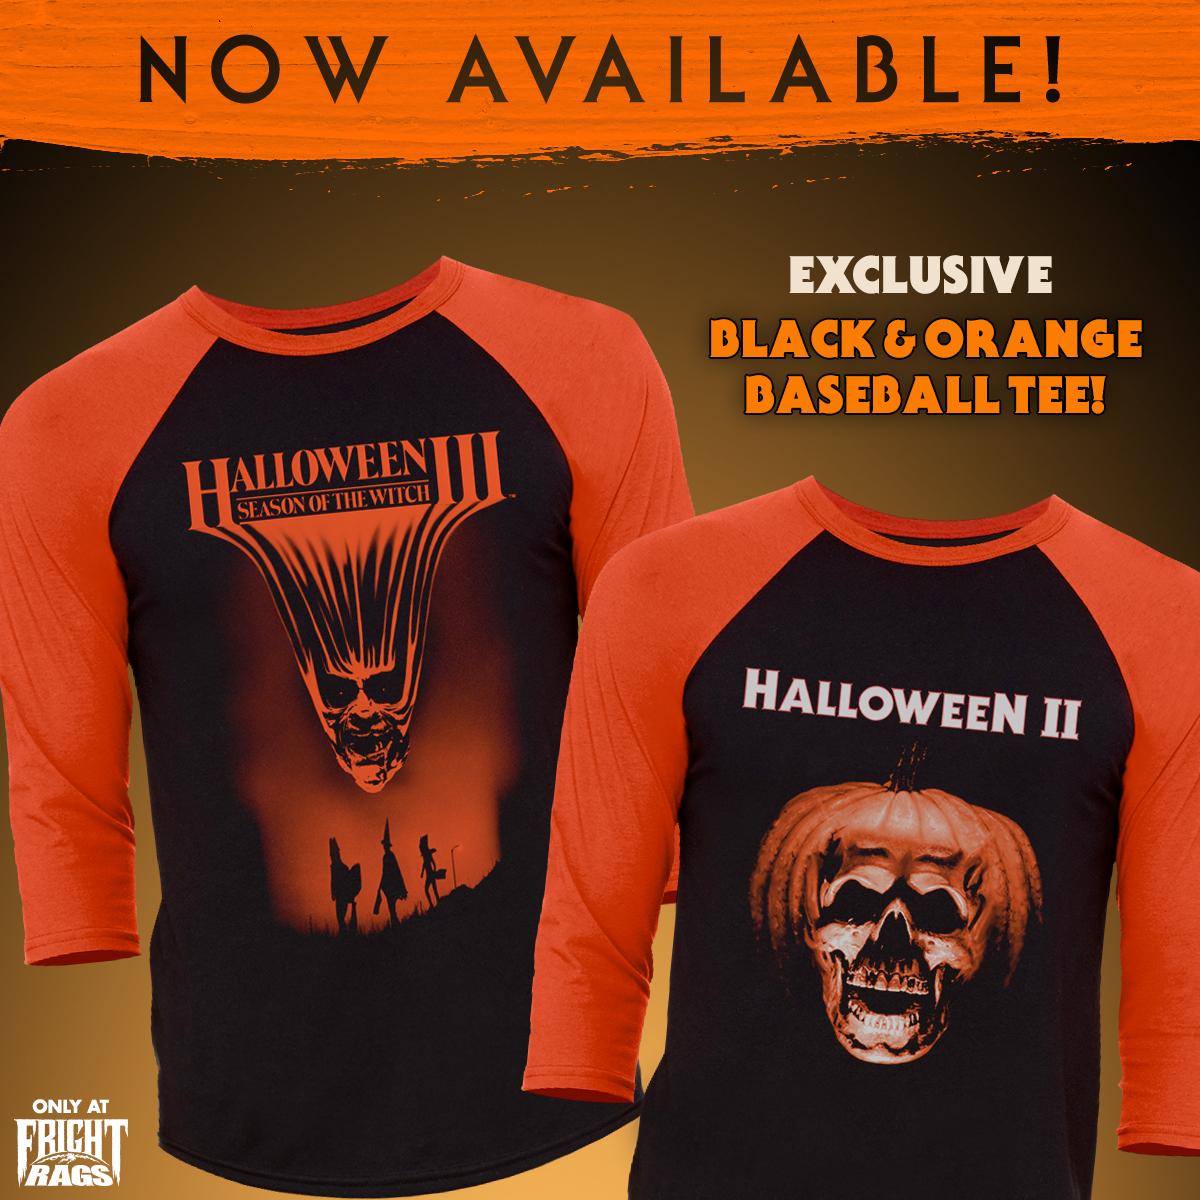 MOOSTER RECORDS BLOG: Halloween II & Halloween III shirts